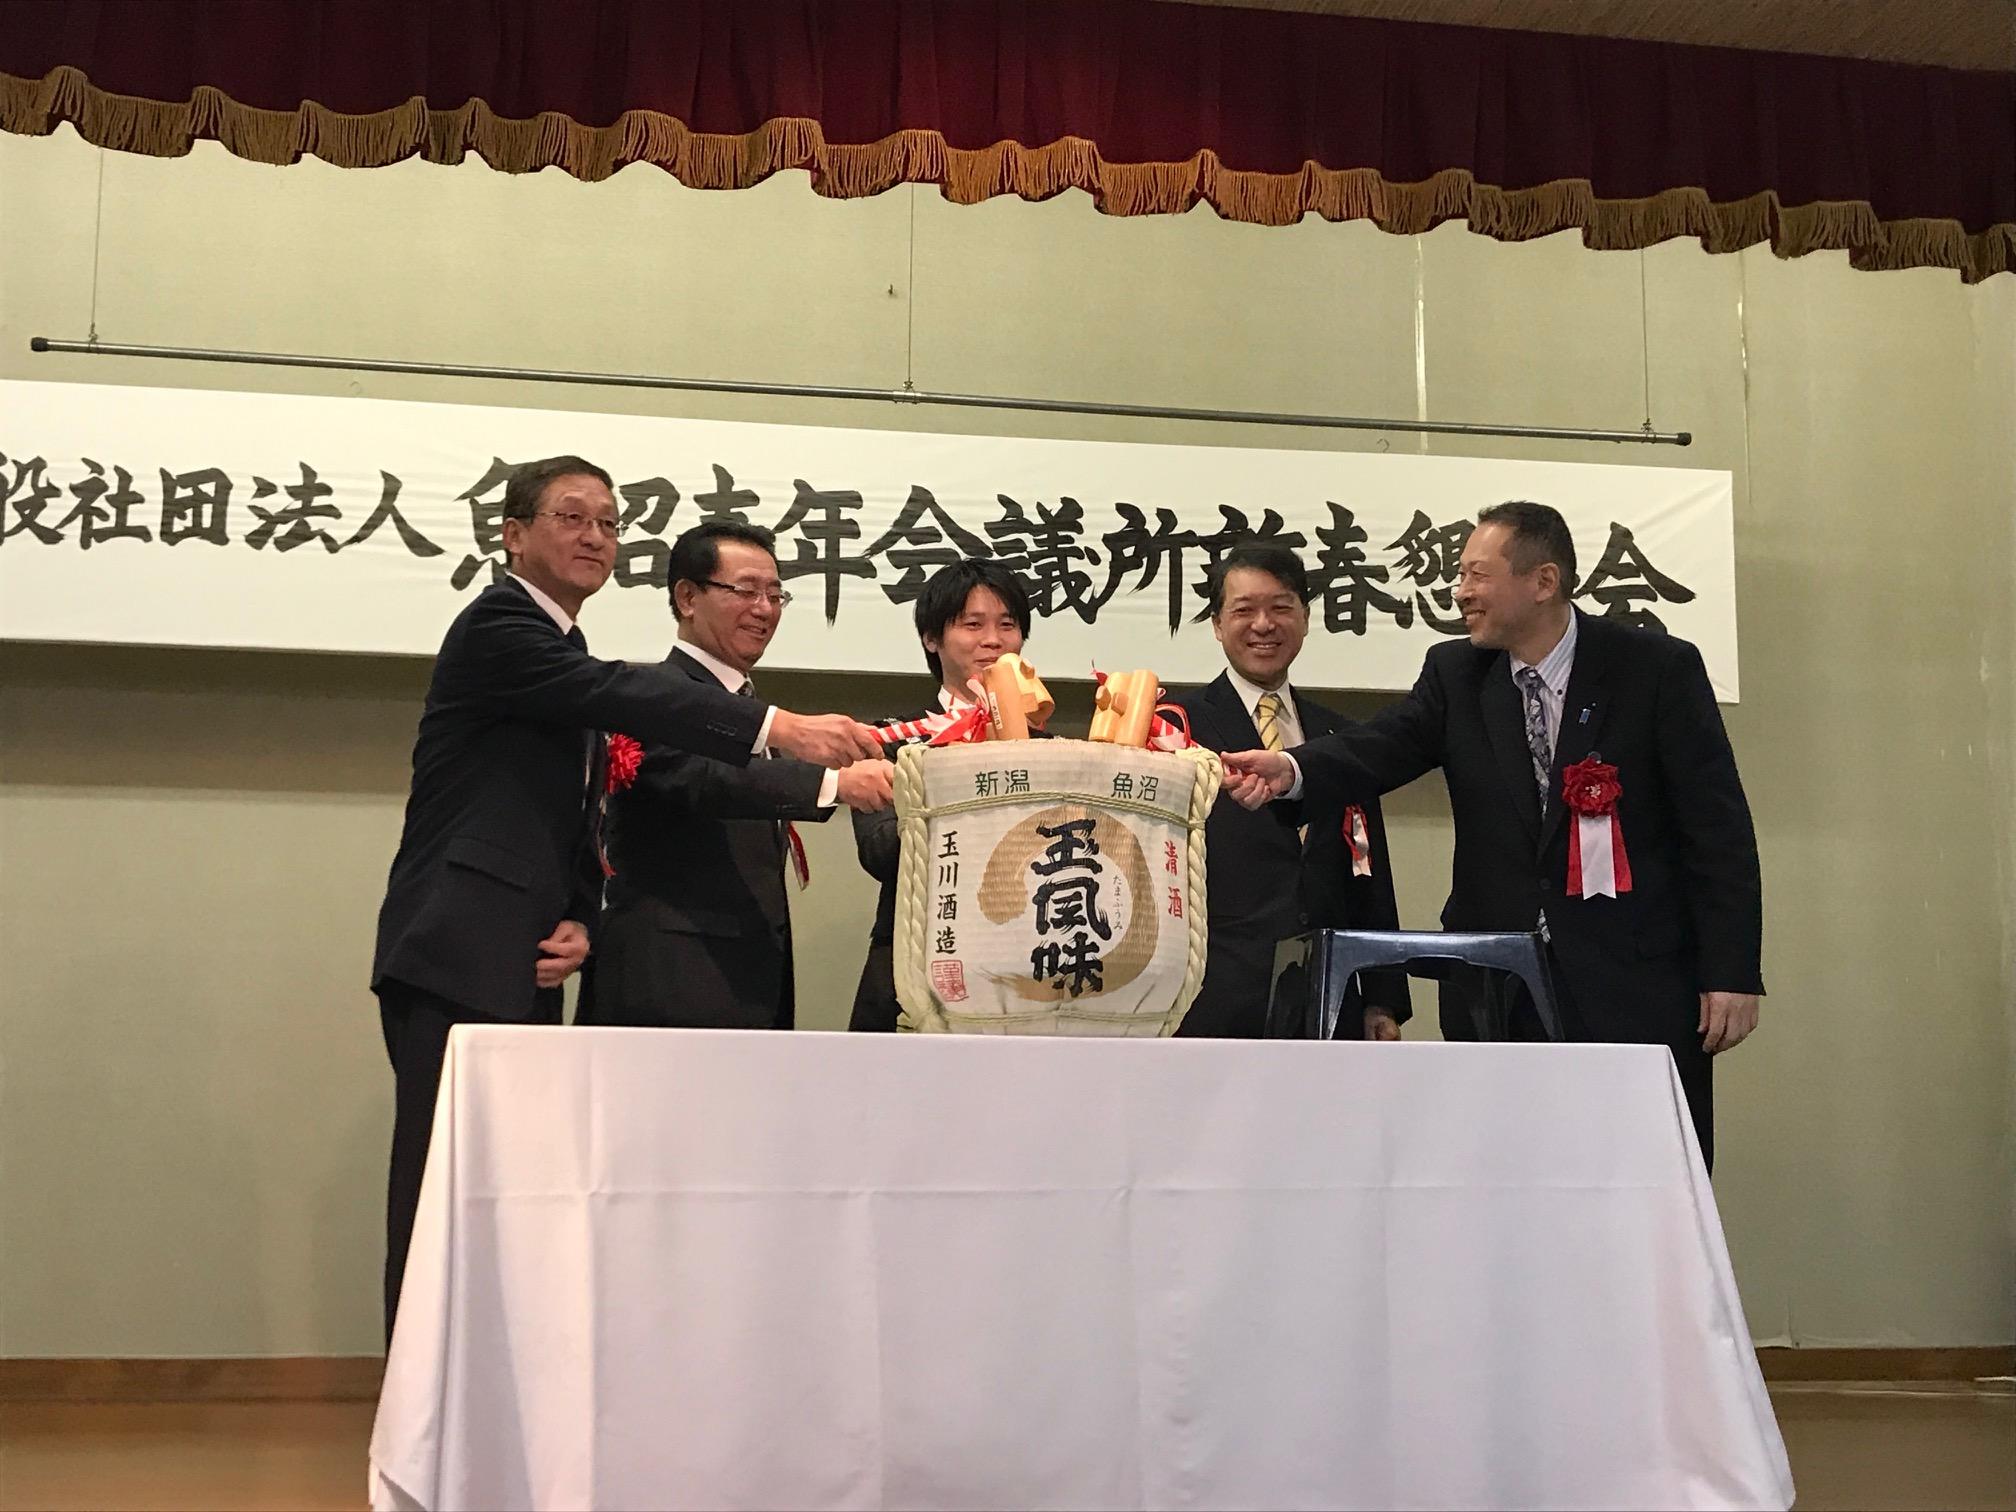 (一社)魚沼青年会議所 2019年度新春懇談会